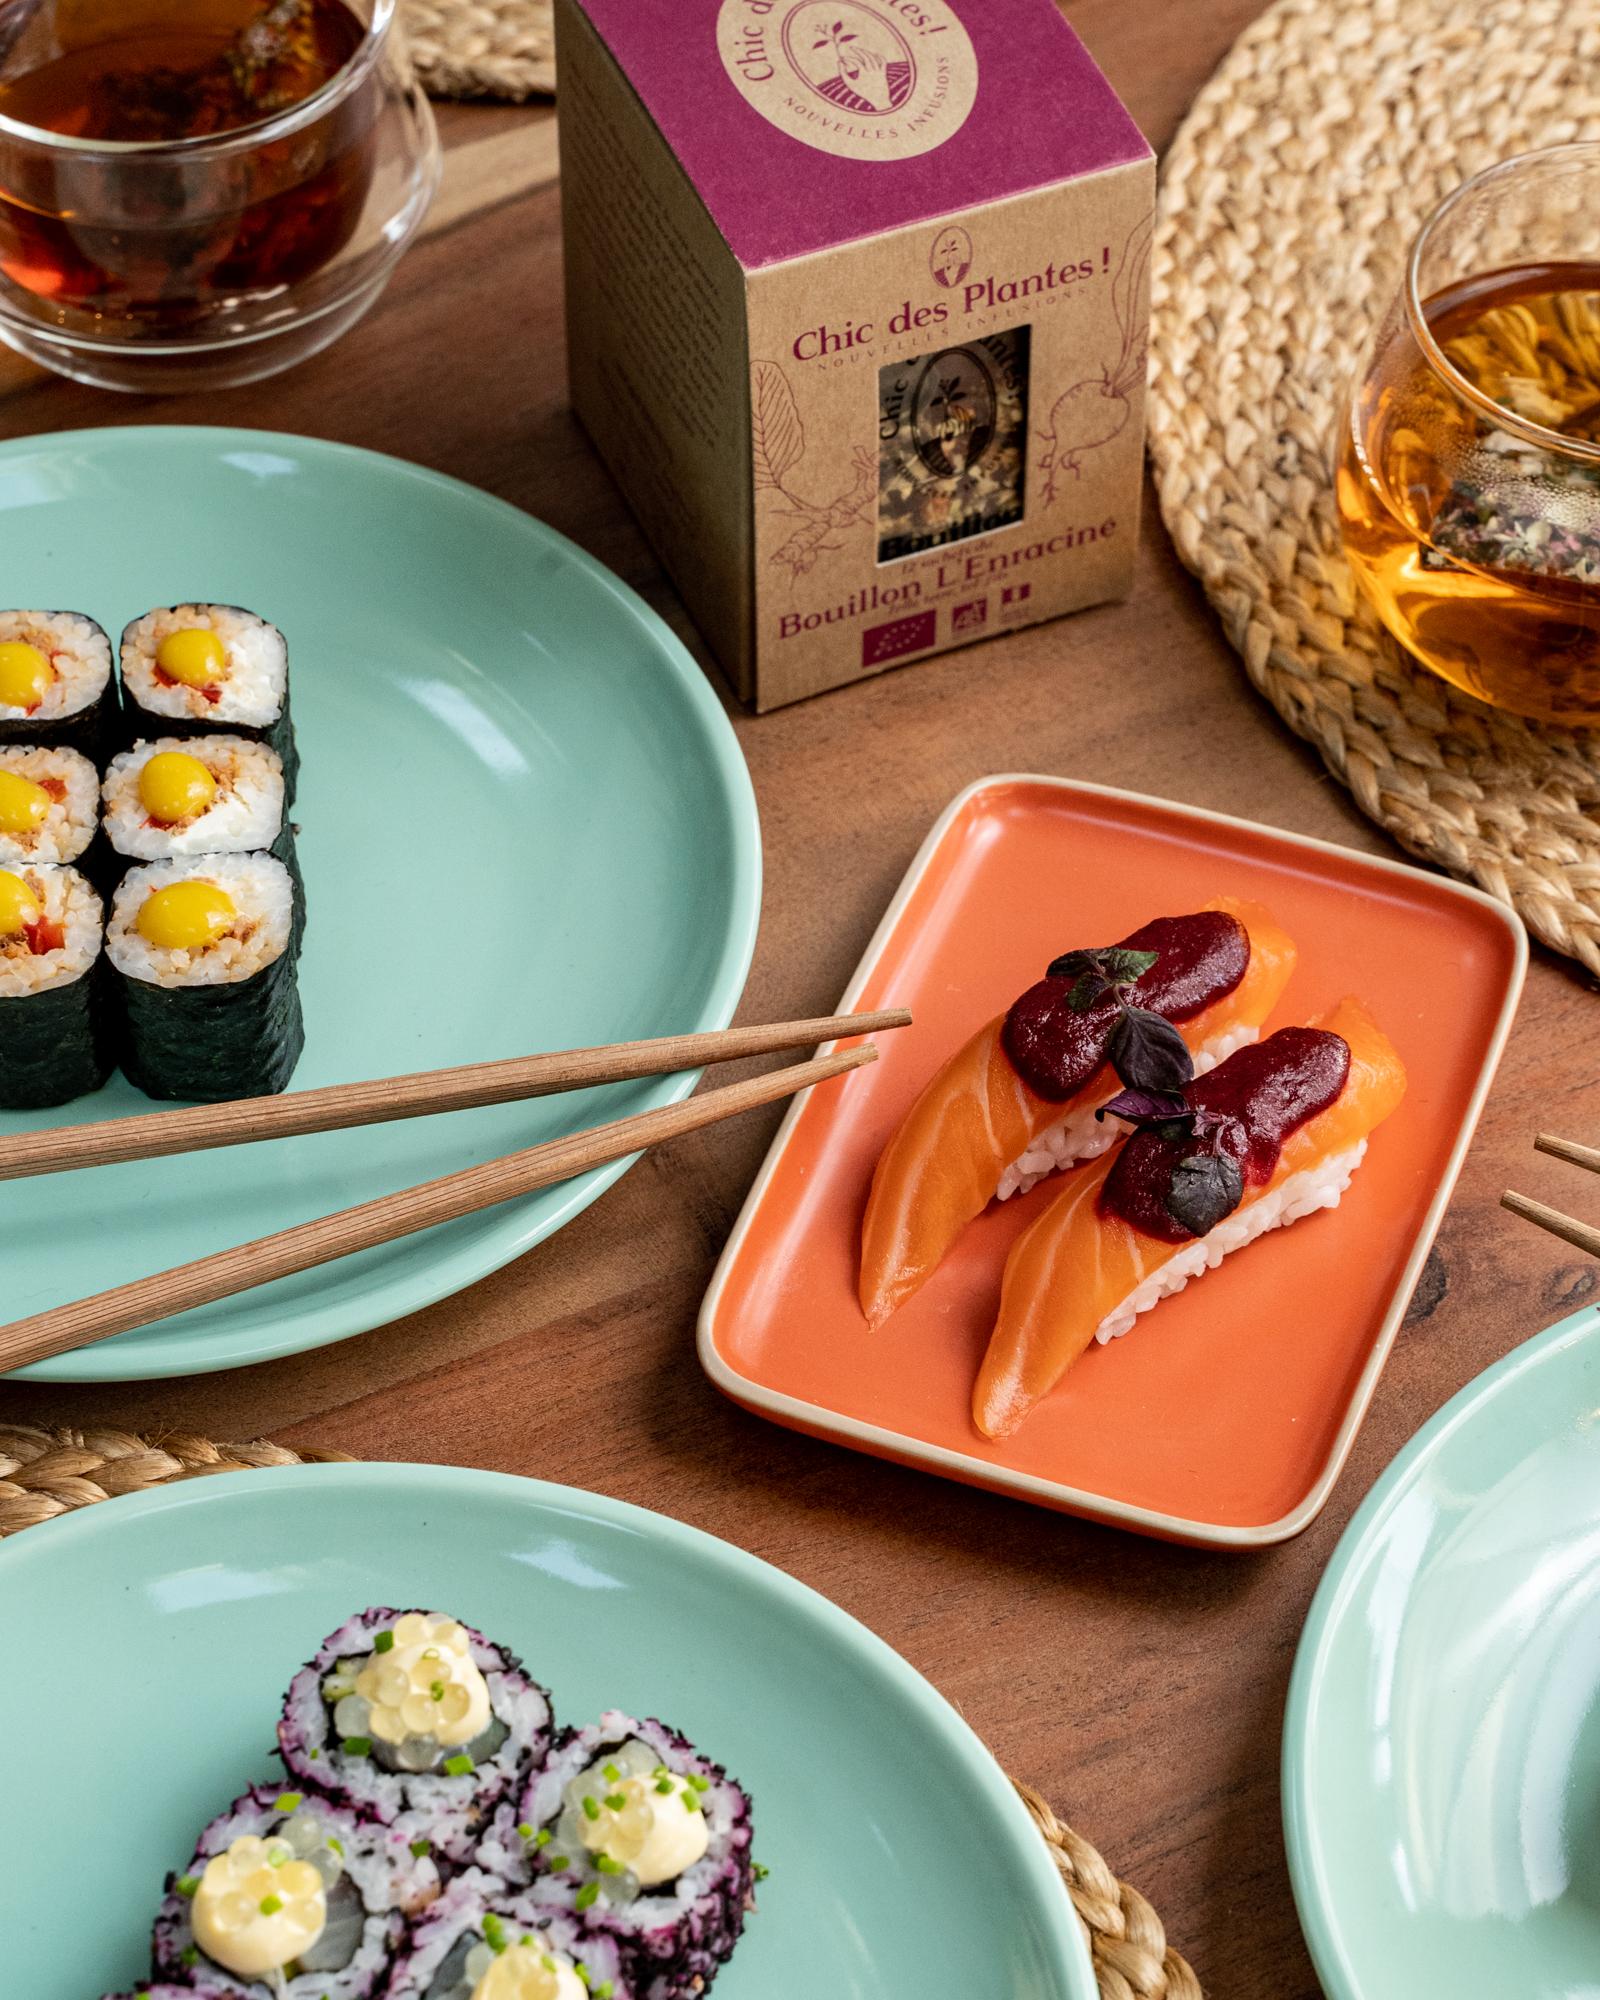 Cote Sushi 012021 Simon 29 - Quand l'exotisme de la cuisine nikkei rencontre l'univers végétal et fruité de Chic des Plantes !